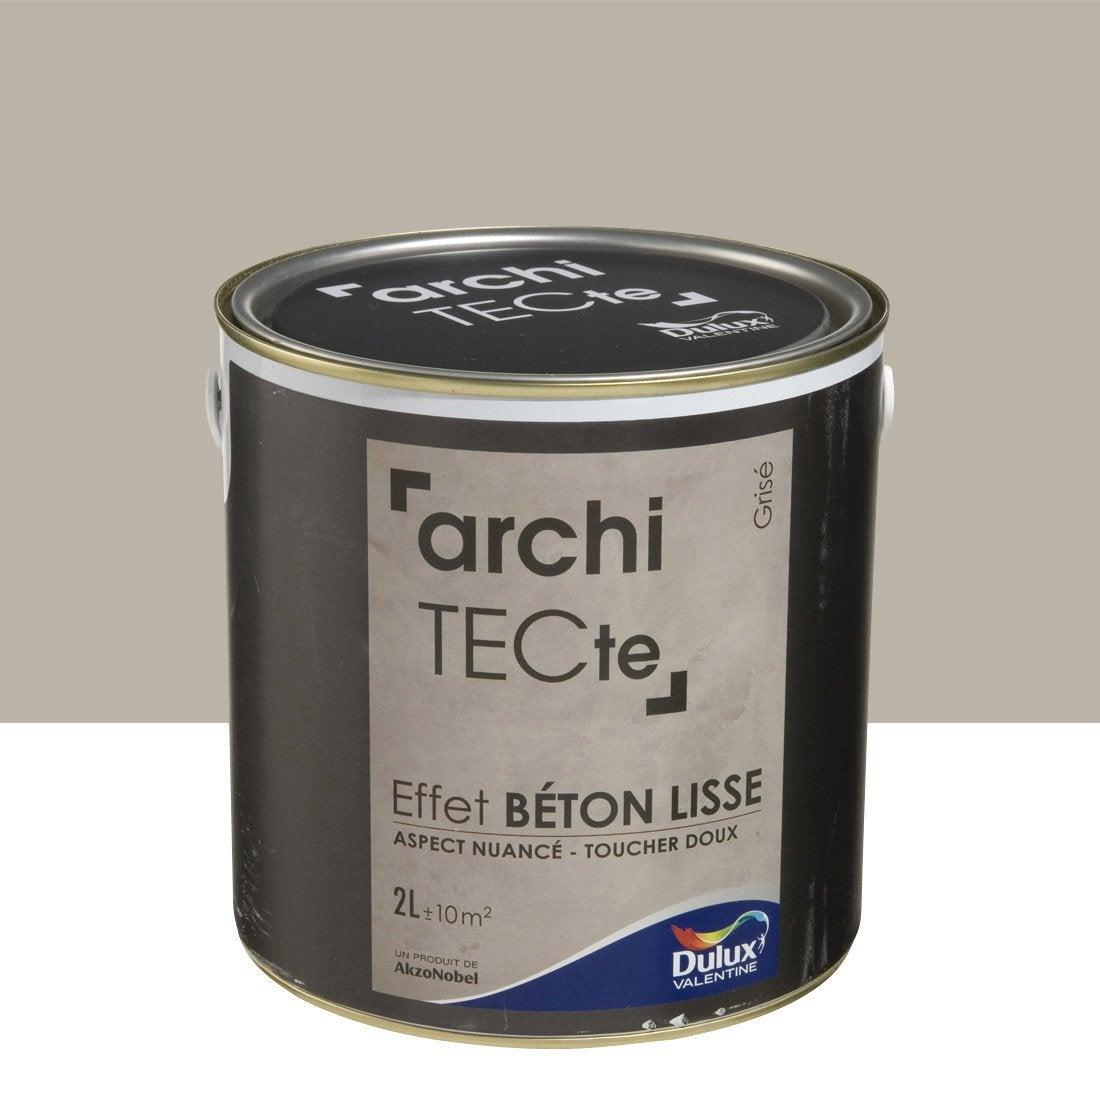 Peinture d corative architecte effet b ton dulux valentine gris 2 l ler - Peinture dulux valentine architecte ...